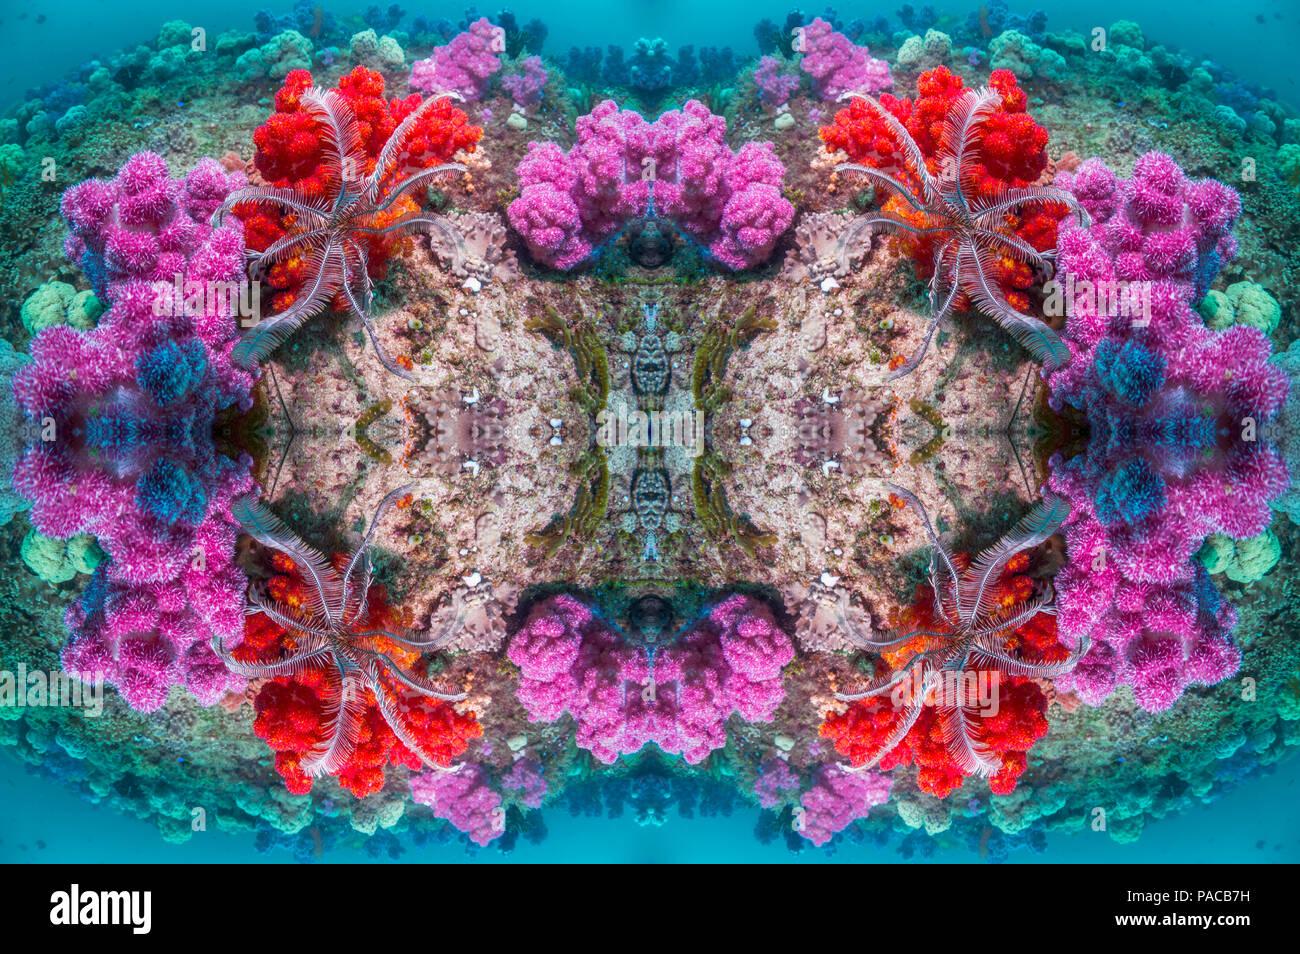 Caleidoscopio de arrecifes de coral. Foto de stock